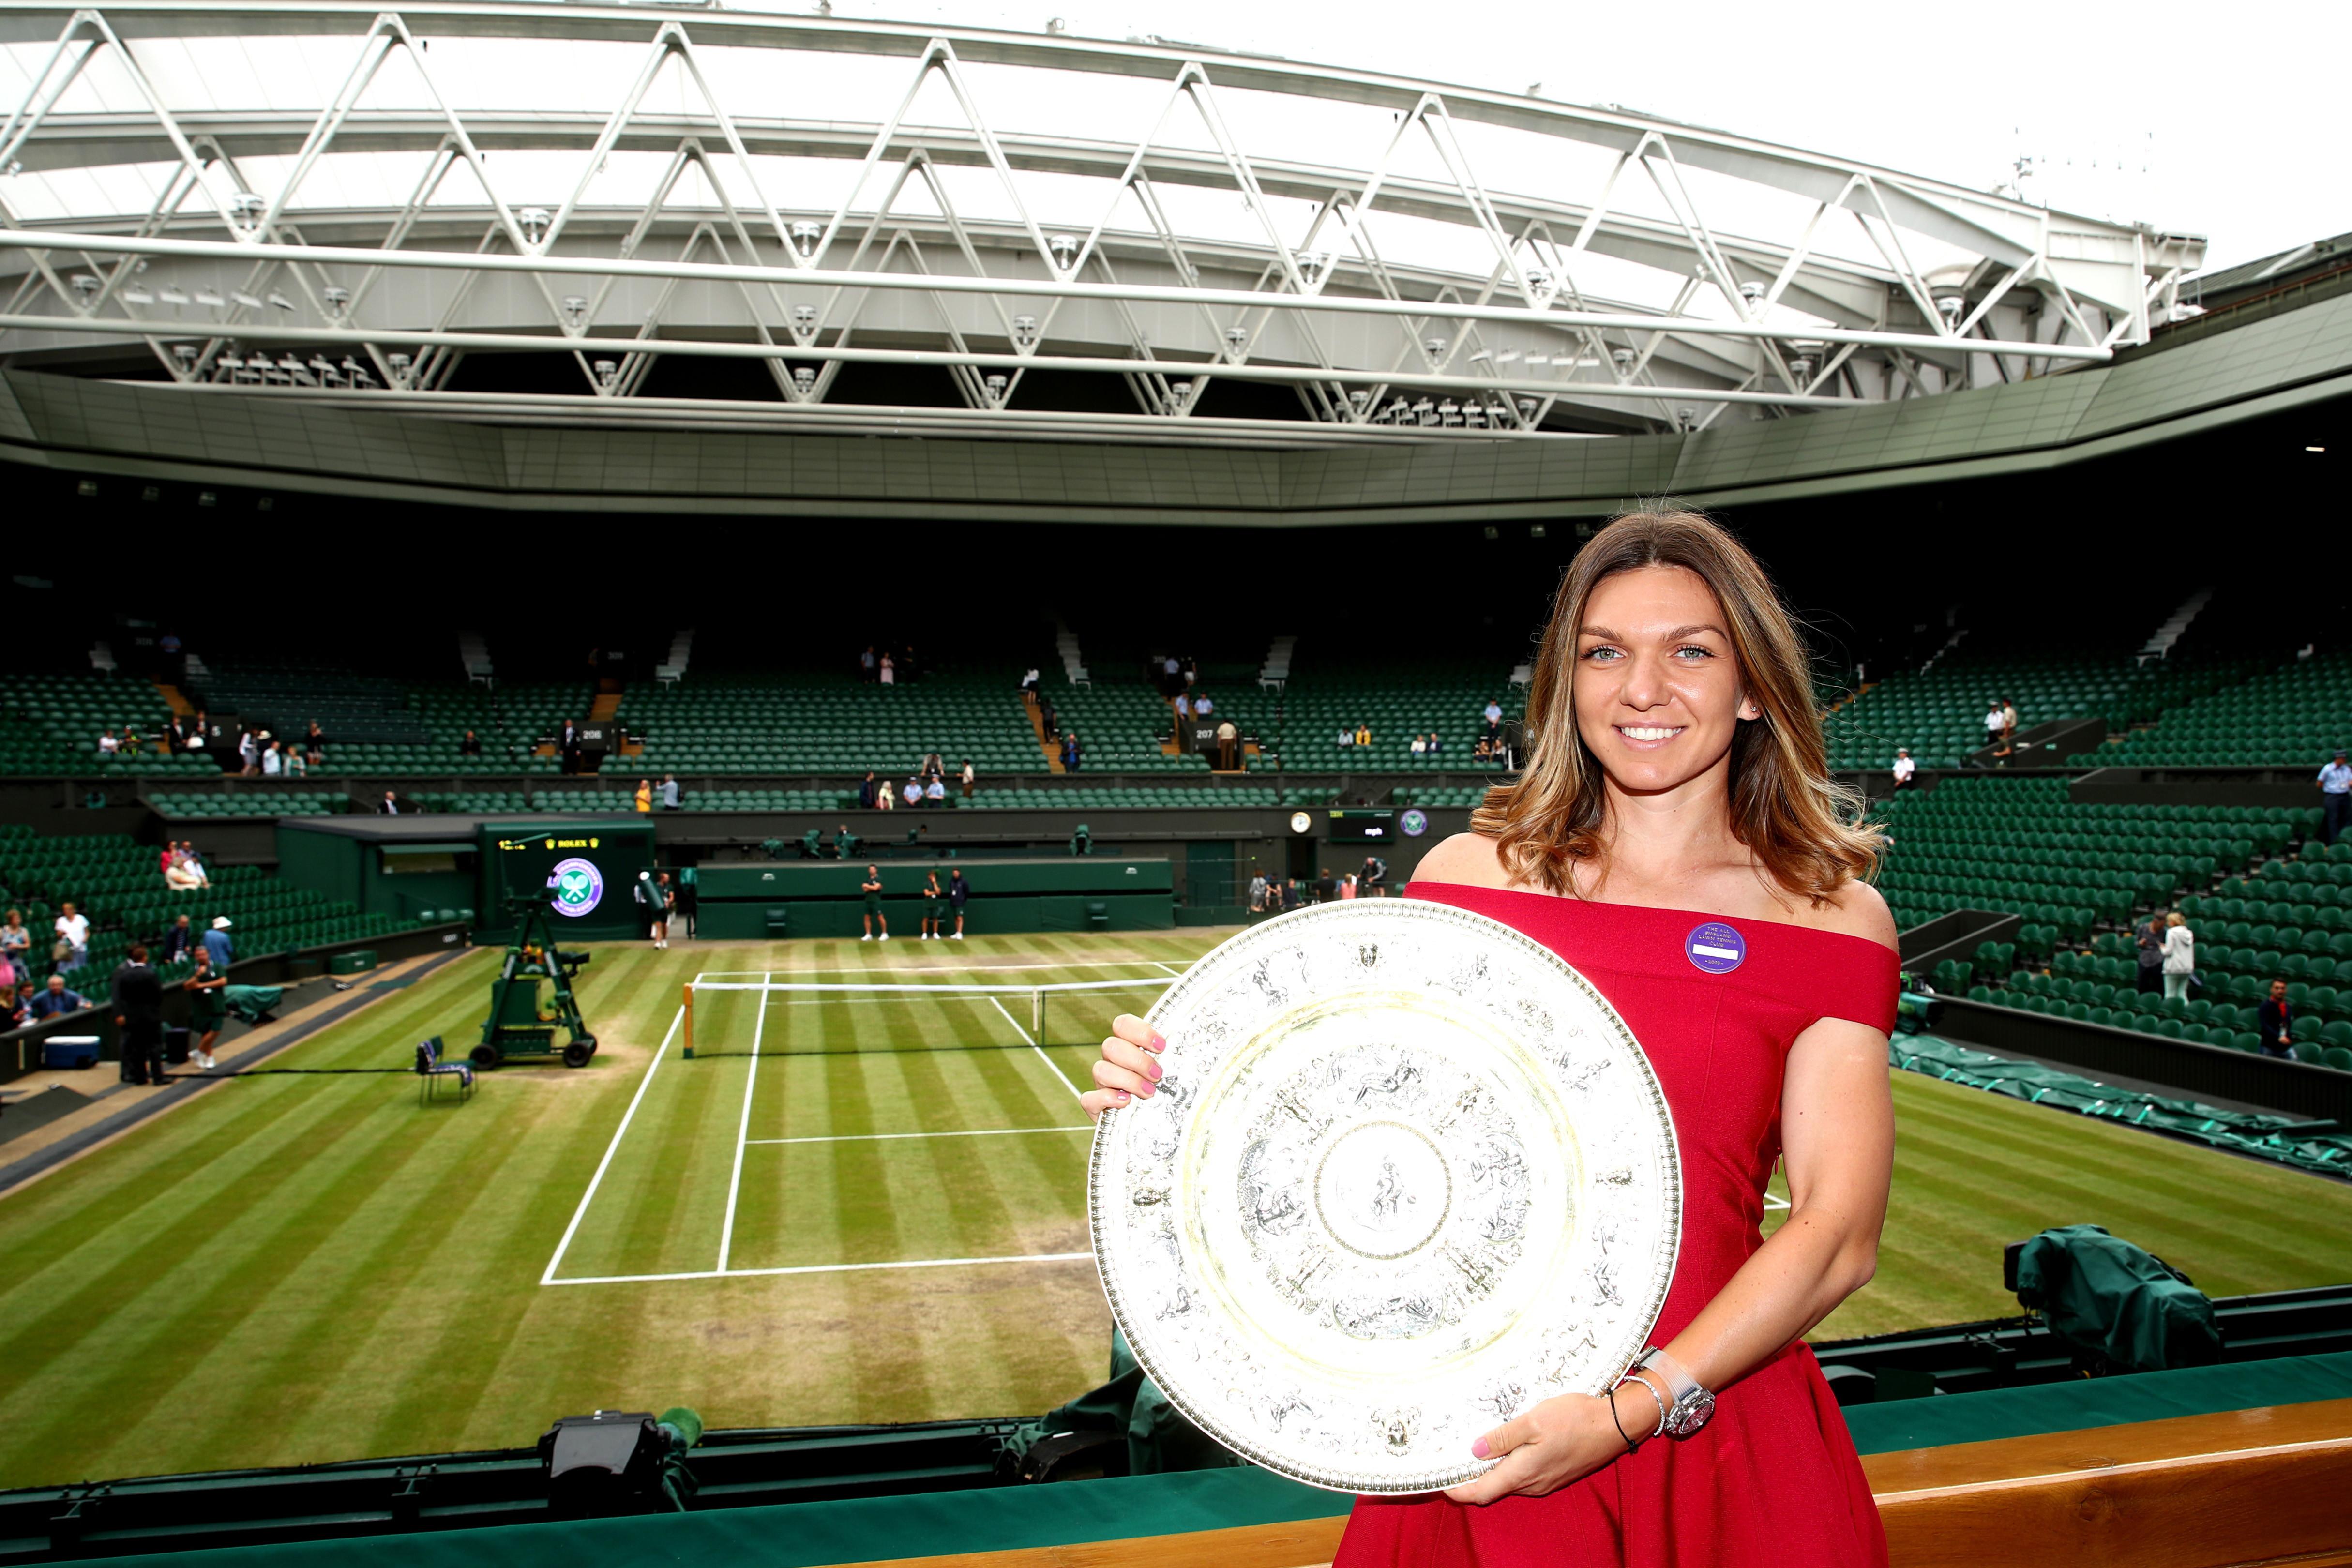 Wimbledon tennis: Simona Halep